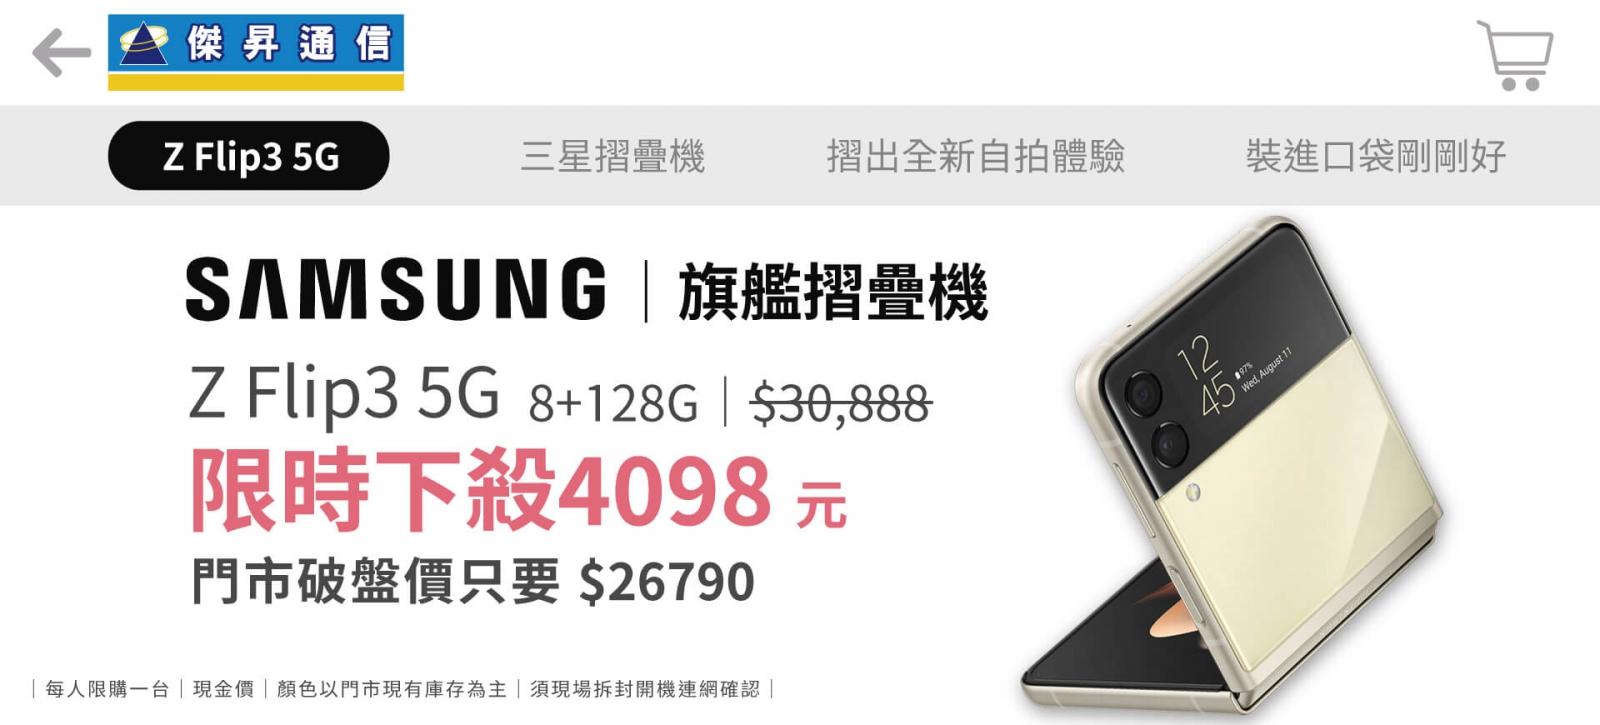 傑昇通信挑戰手機市場最低價~保證全新原廠公司貨~一家購買 終身服務